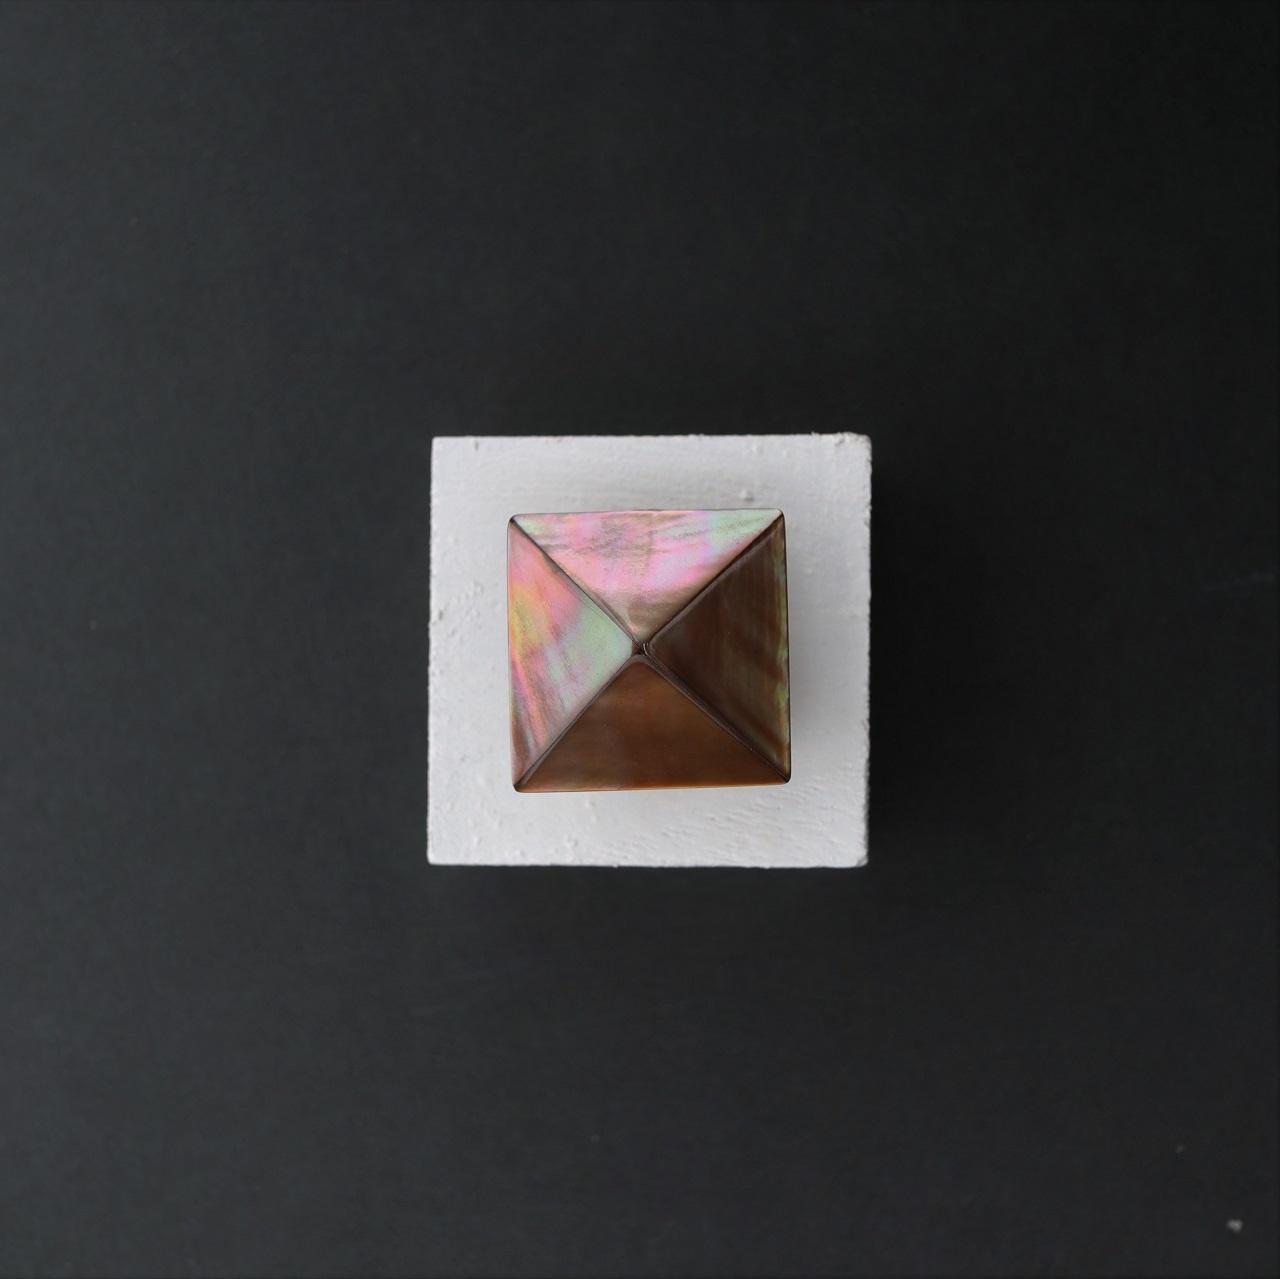 【帯留め】黒蝶貝ブラウン ピラミッド